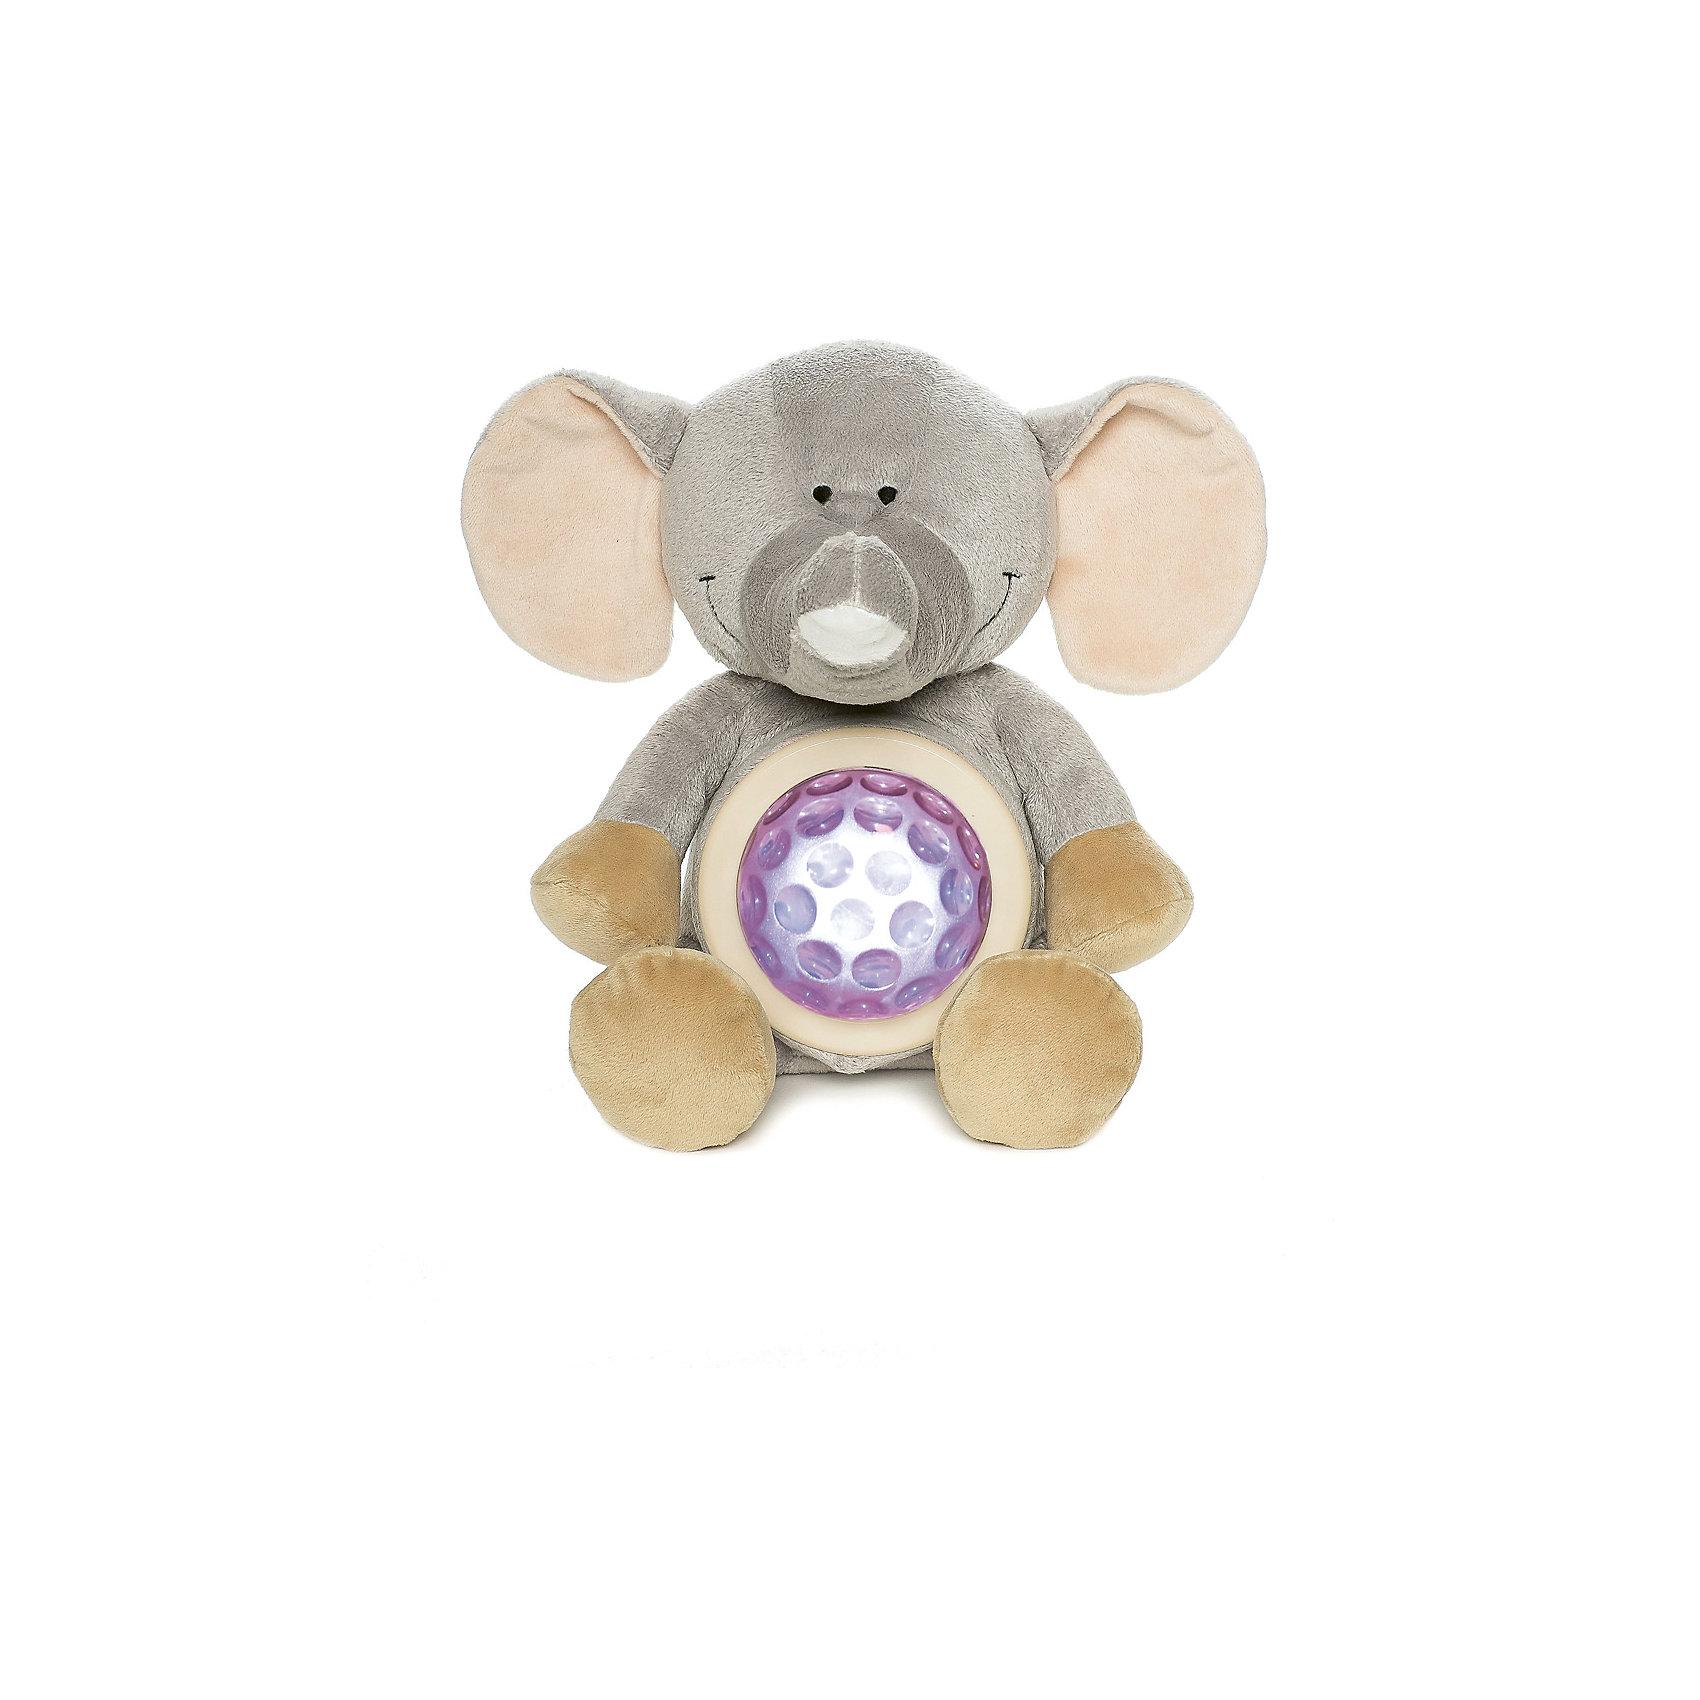 Ночник Слон, Динглисар, TeddykompanietНочник Слон, Динглисар, Teddykompaniet (Тэдди и компания) - подарит уют и спокойствие вашему малышу.<br>Ночник в виде милого улыбающегося слоненка создаст спокойную атмосферу, идеальную для того, чтобы малыш мог легко и быстро заснуть. Ночник проецирует звездное небо и работает в двух режимах. В первом режиме мягкий прозрачный свет, во втором режиме – меняет цвета (3 цвета). Чтобы активировать работу ночника, необходимо нажать на животик слона. Продукция соответствует европейским и российским стандартам качества.<br><br>Дополнительная информация:<br><br>- Размер: 23 см.<br>- Материал: текстиль<br>- Предусмотрено автоматическое отключение после 10 мин непрерывной работы<br>- Батарейки: 3 типа АА (в комплект не входят)<br><br>Ночник Слон, Динглисар, Teddykompaniet (Тэдди и компания) можно купить в нашем интернет-магазине.<br><br>Ширина мм: 250<br>Глубина мм: 150<br>Высота мм: 100<br>Вес г: 220<br>Возраст от месяцев: 0<br>Возраст до месяцев: 36<br>Пол: Унисекс<br>Возраст: Детский<br>SKU: 4902225